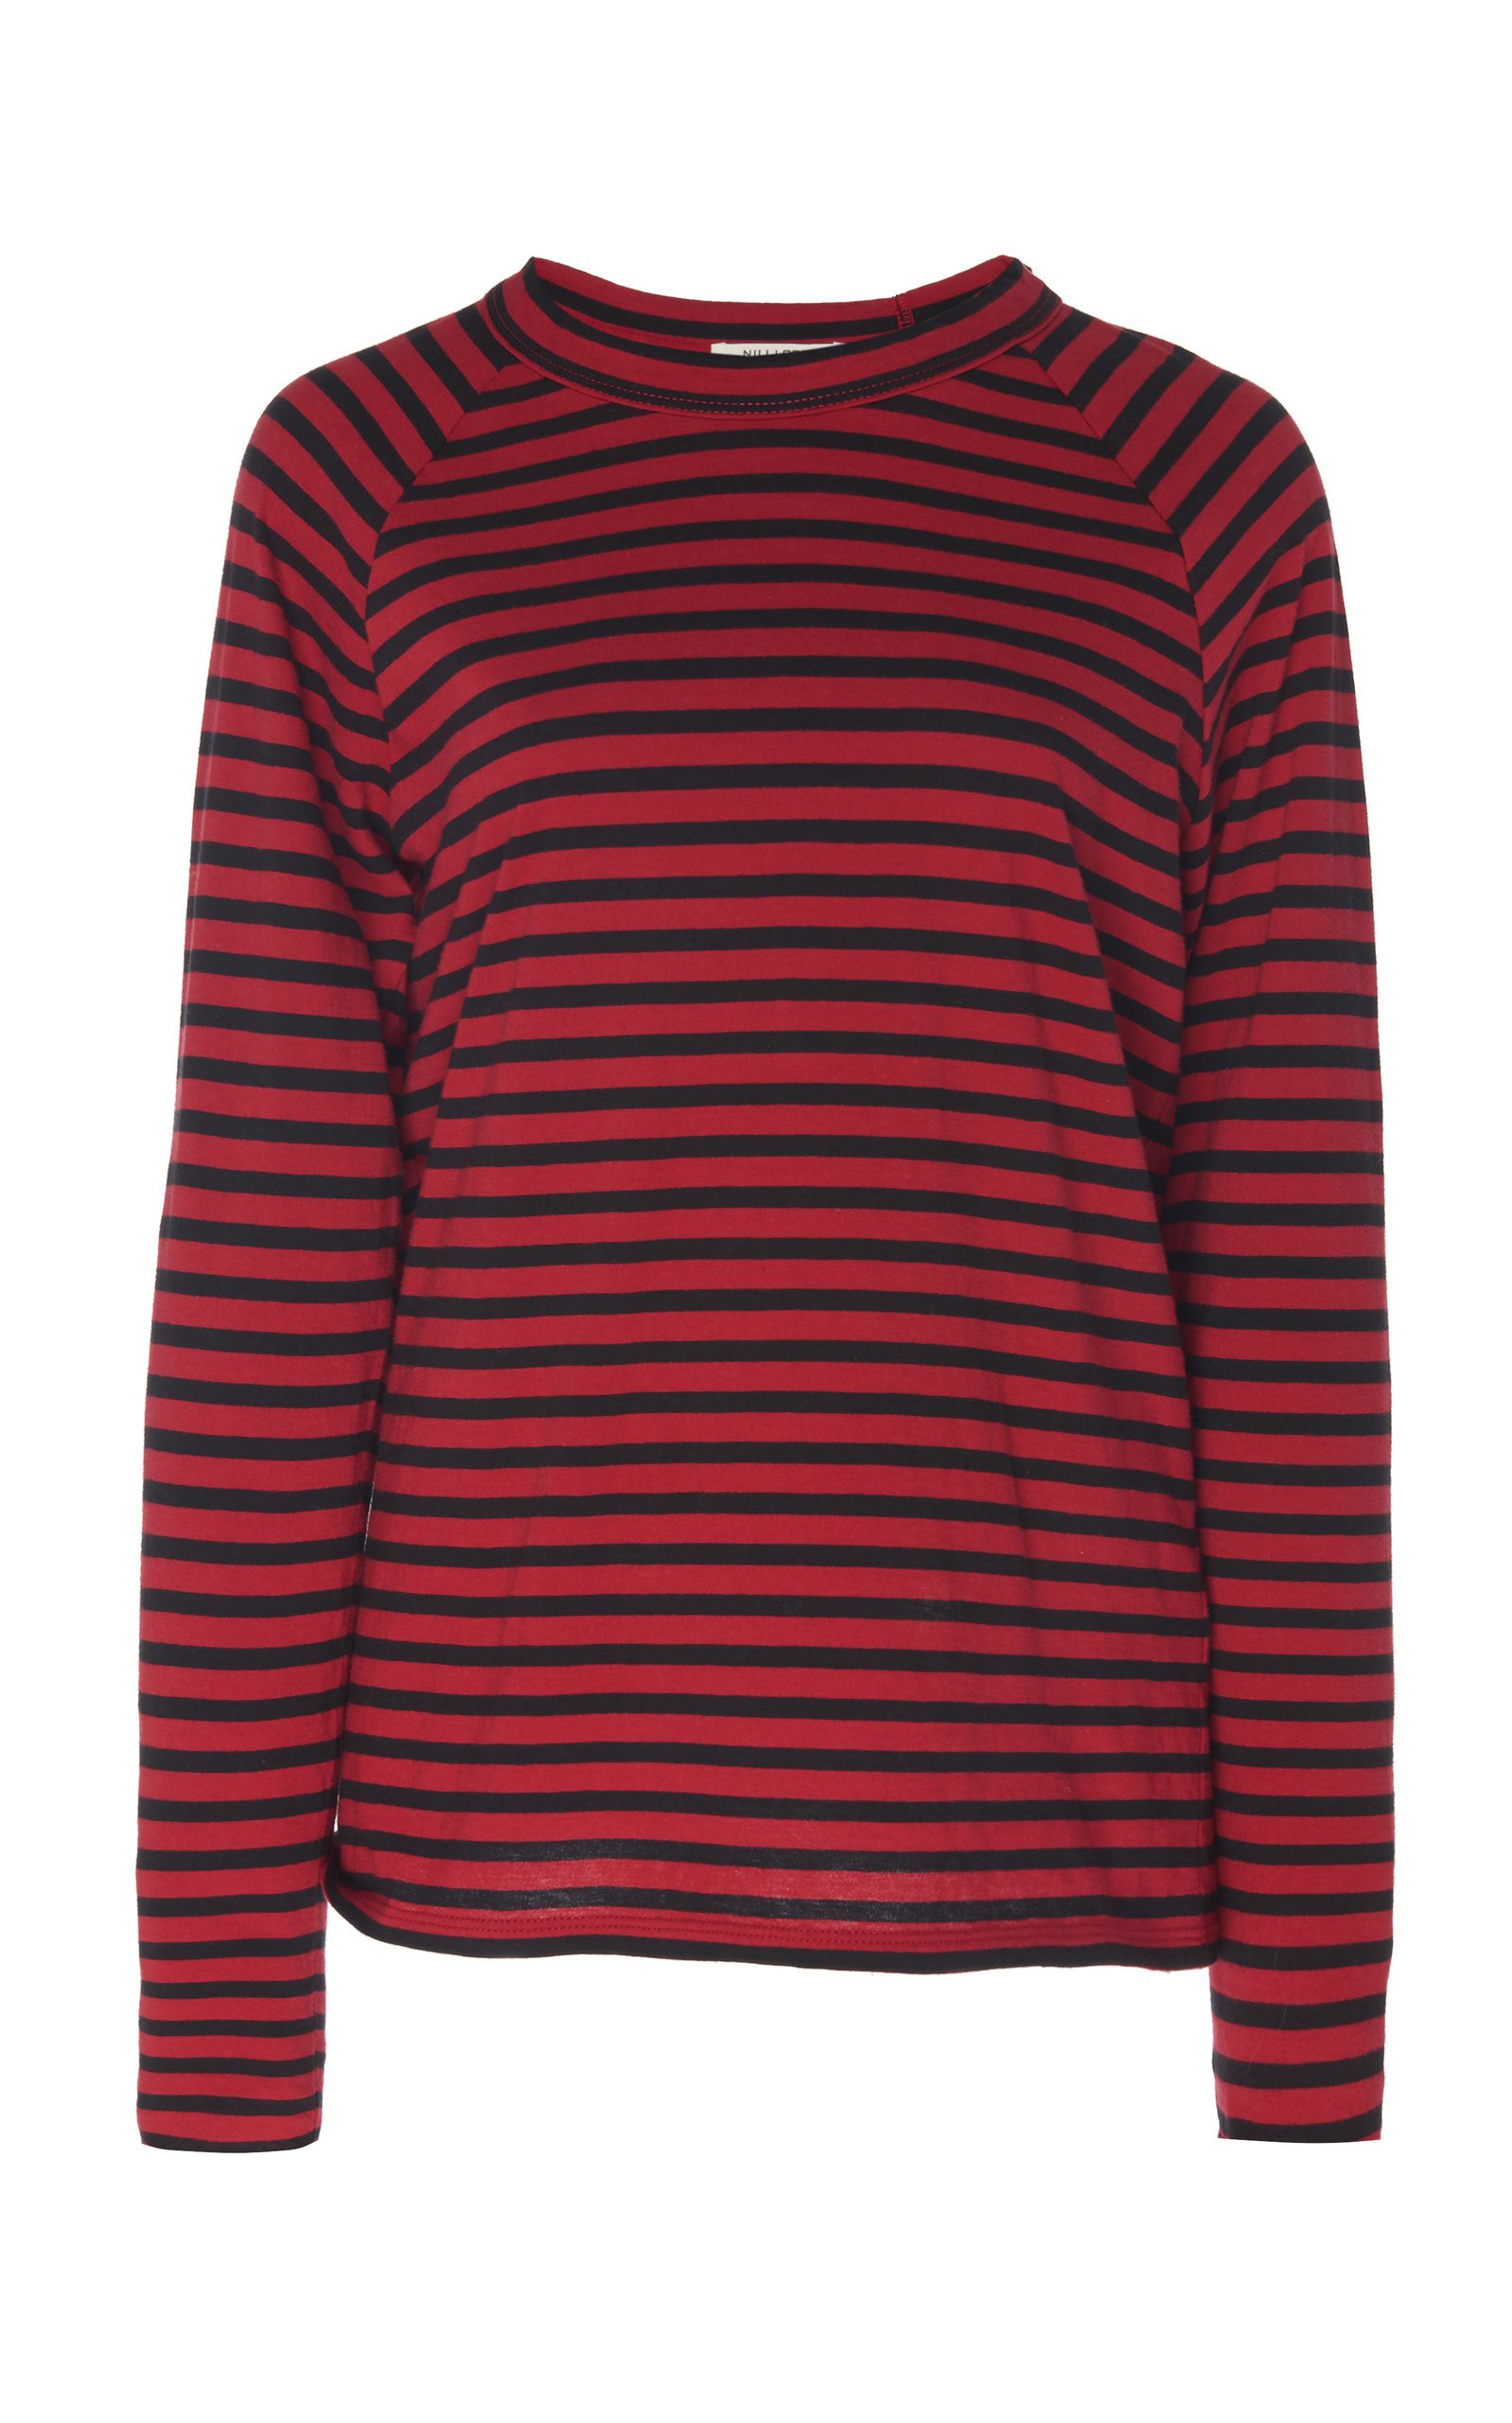 Striped Baseball Cotton T-Shirt by NILI LOTAN | Moda Operandi